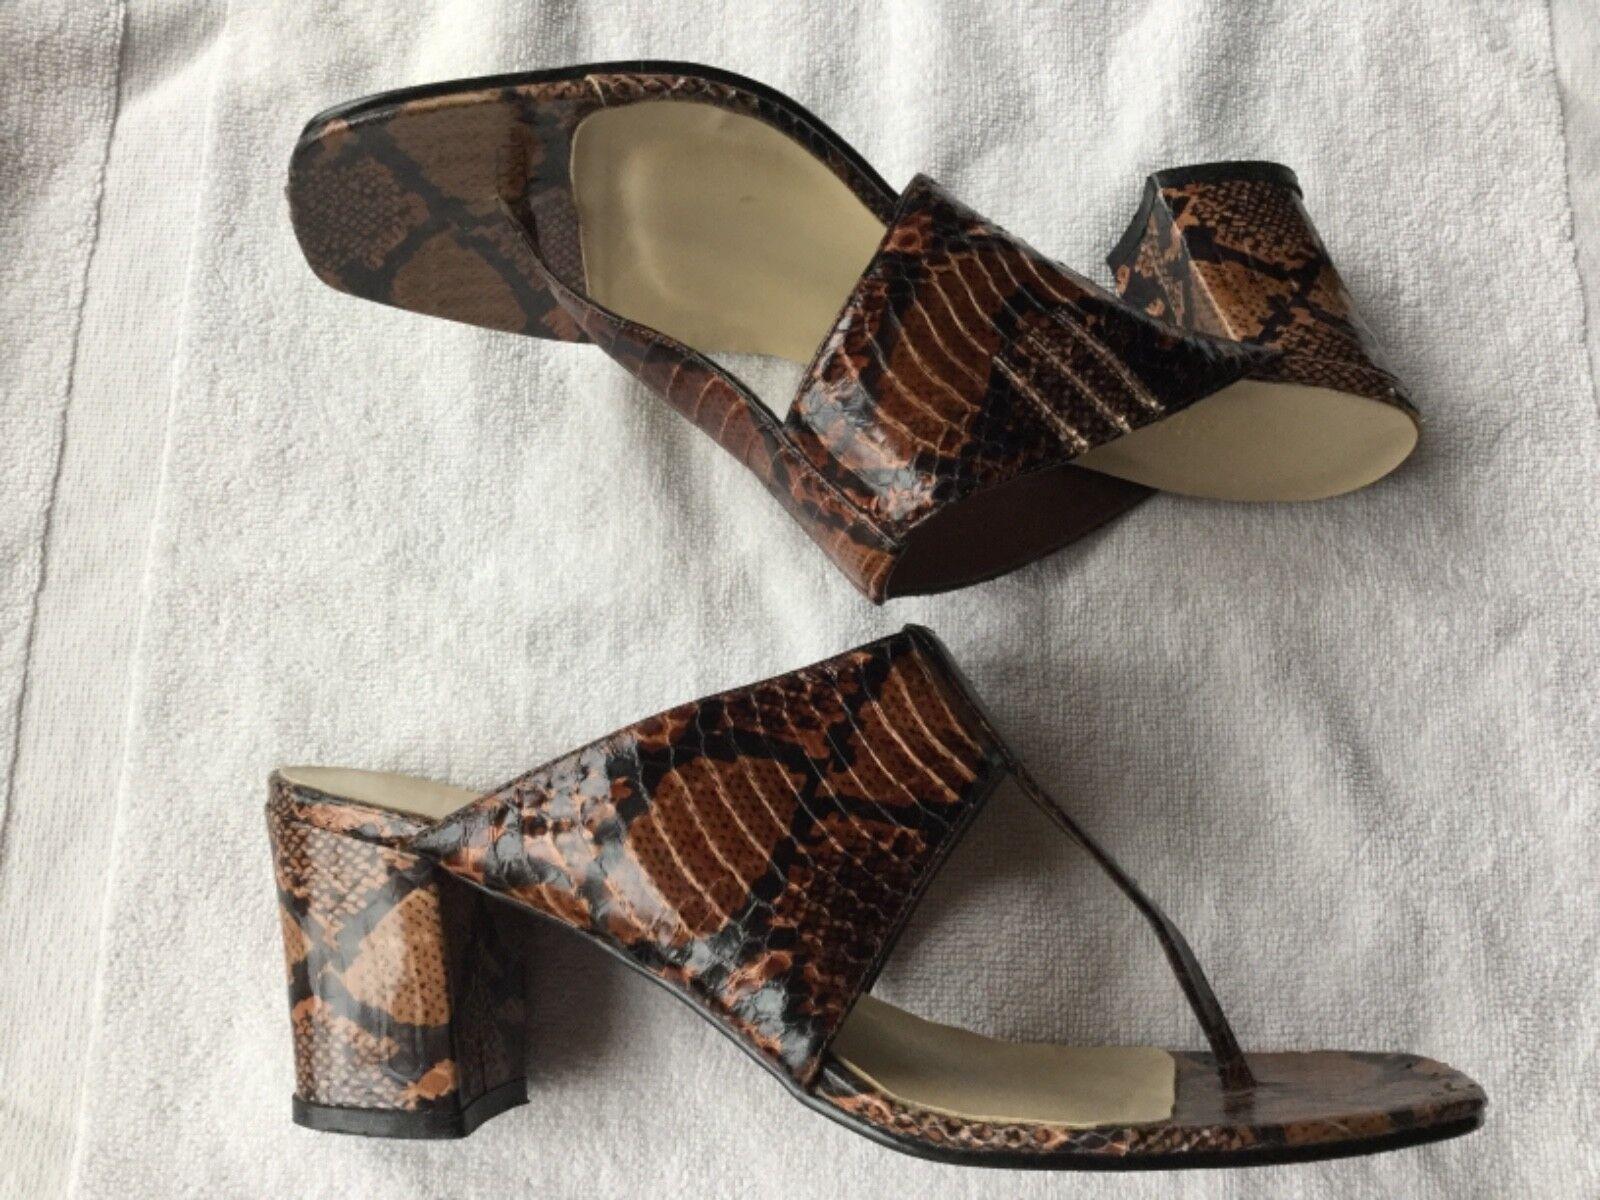 Vintage Colin Stuart LEATHER Mule CHUNKY Heel SANDAL Slide, Brown Snake 7M